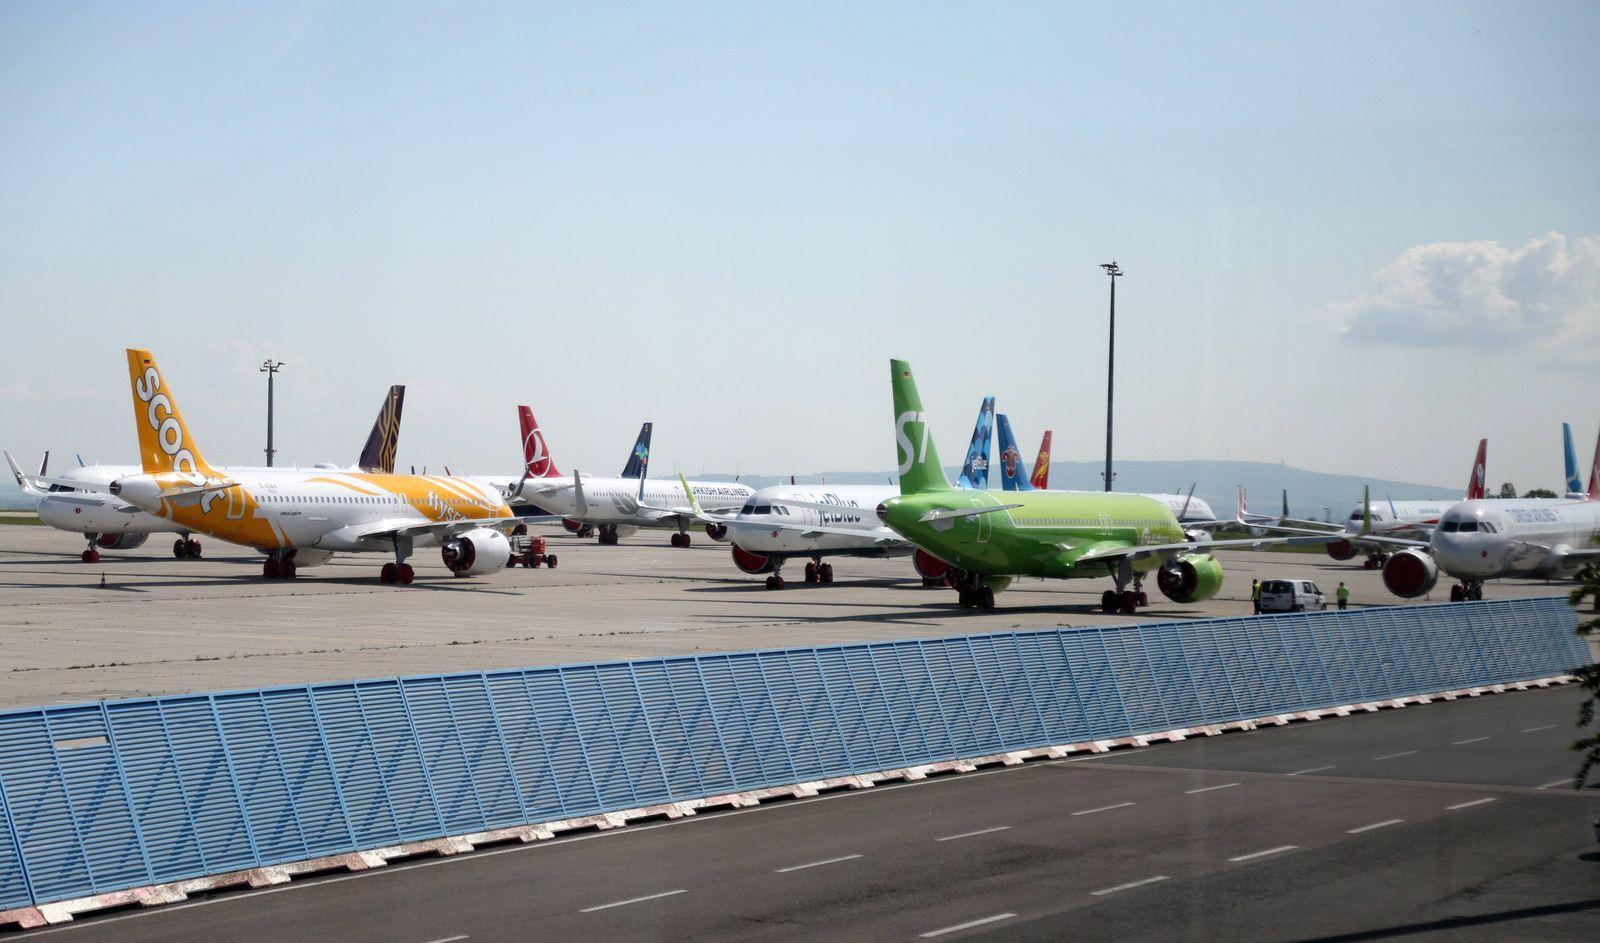 Erfurt 27.05.2020 , Erfurt, Flughafen Erfurt-Weimar, aufgrund der Corona-Pandemie kann Airbus fertige Flugzeuge nicht au